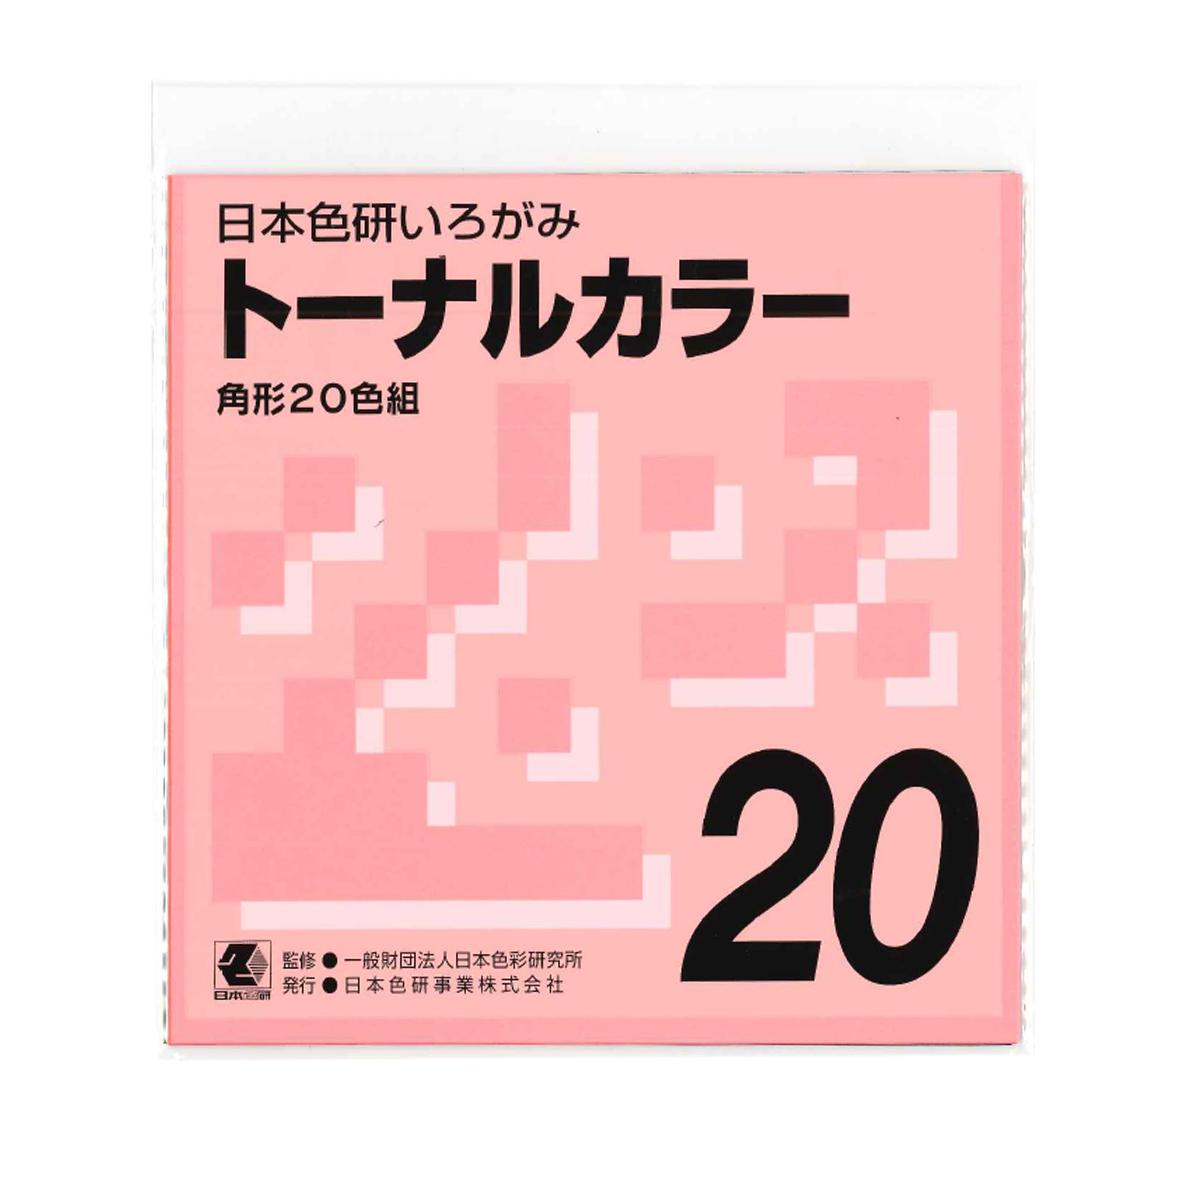 トーン配色の演習や作品作りに最適 メール便可 スーパーセール期間限定 トーナルカラー 片面白 150mm角形 製作 20色組 新色 折紙 作品 折り紙